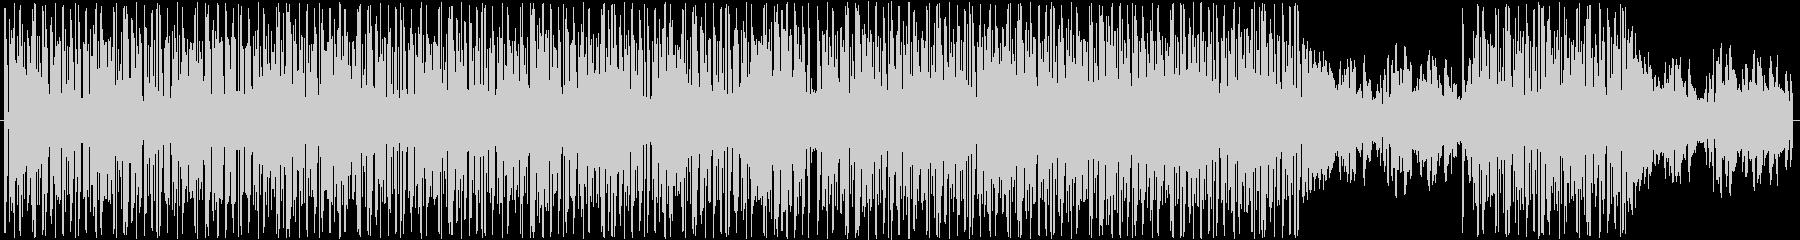 かわいくておしゃれなエレクトロ調ボーカルの未再生の波形